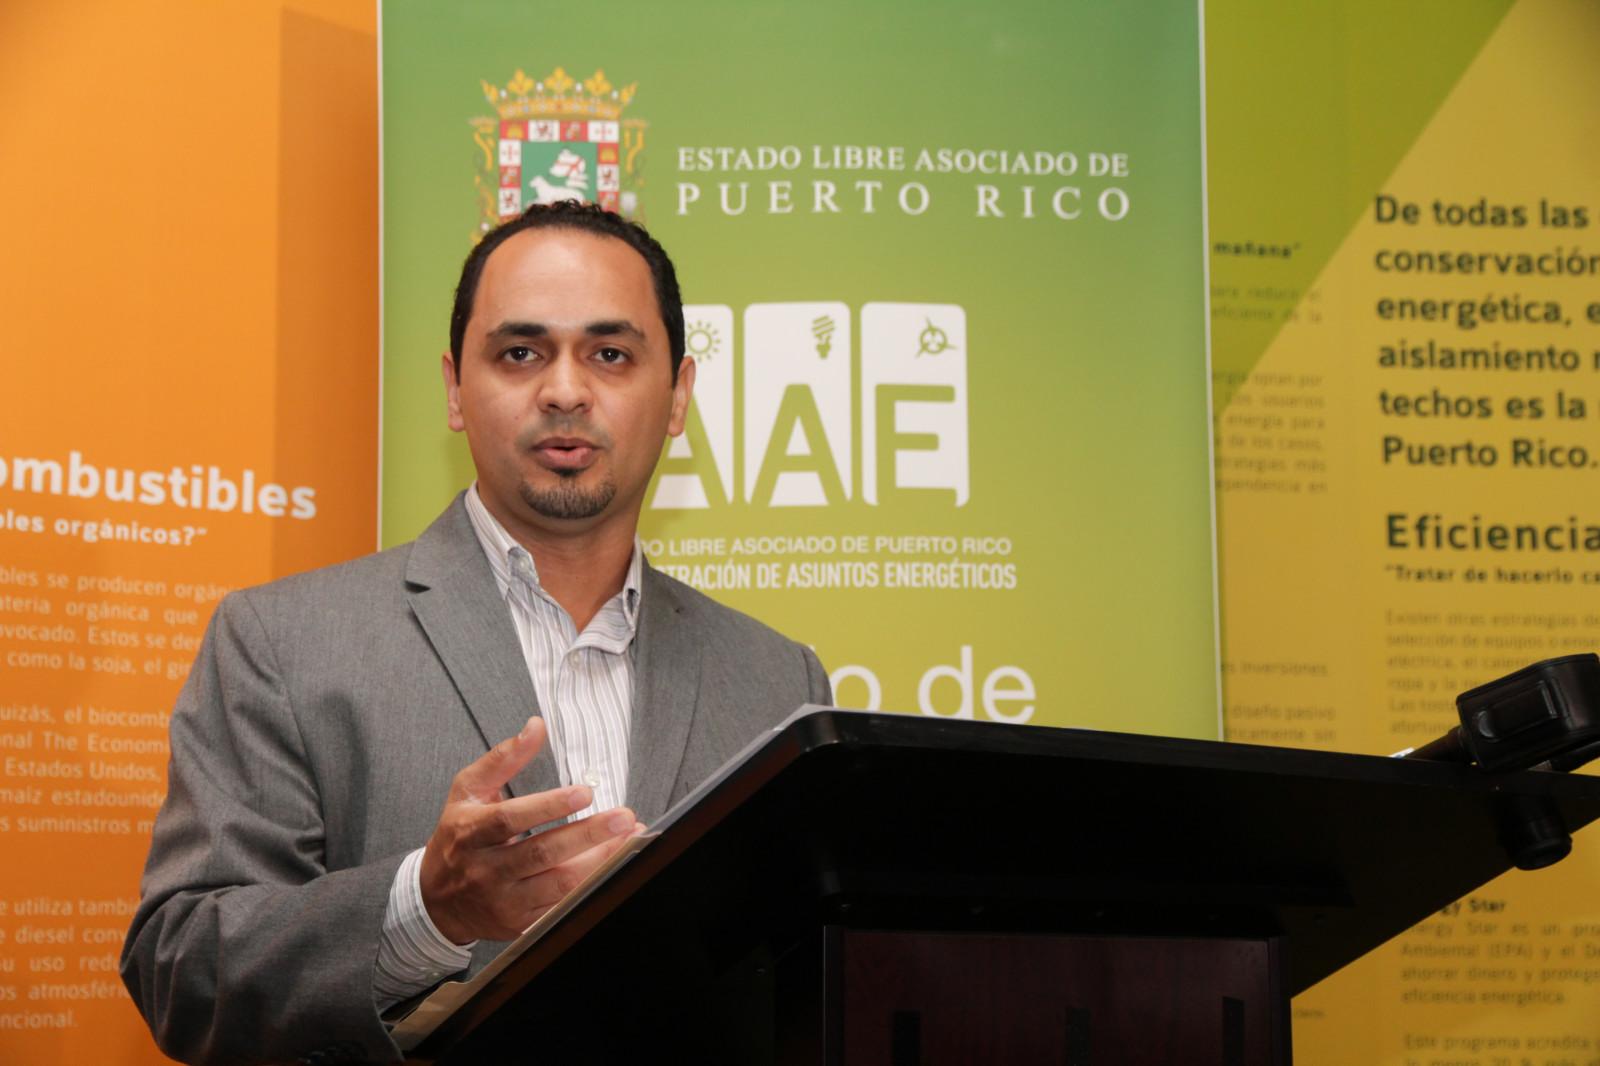 José Maeso